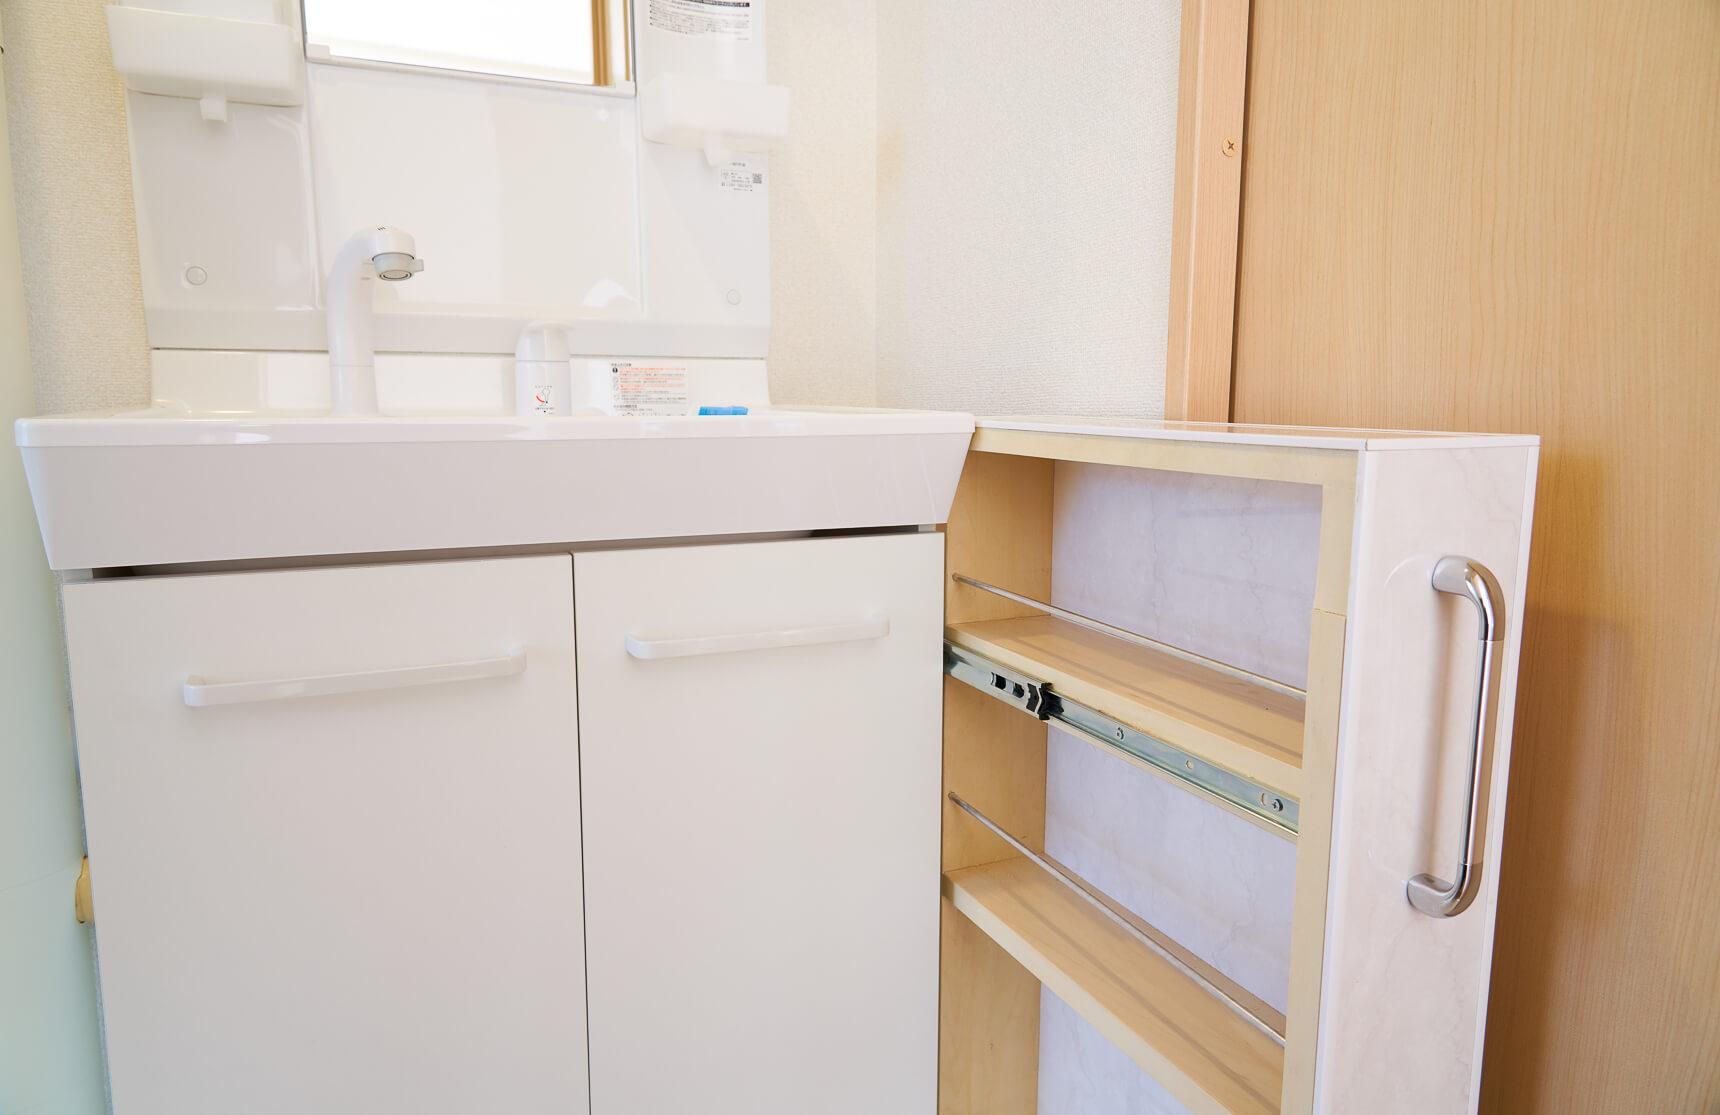 洗面台と壁の間の隙間には、DCMホーマックさん特製の隙間収納が設置されていました。スムーズに引き出して使えます。